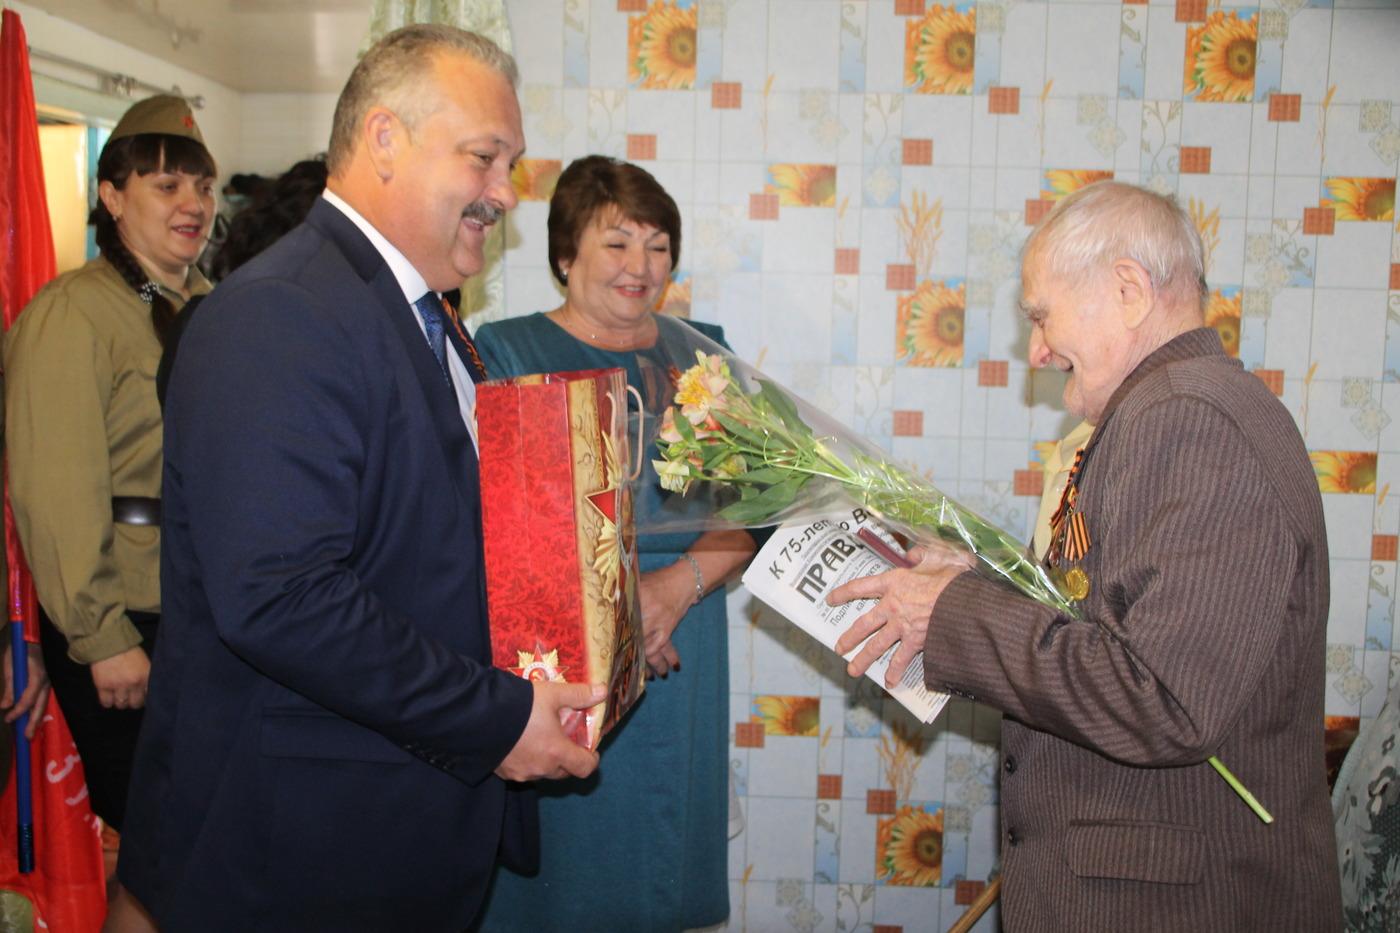 Депутат Народного Совета ЛНР посетила ветерана и приняла участие в открытии памятного знака в Антраците